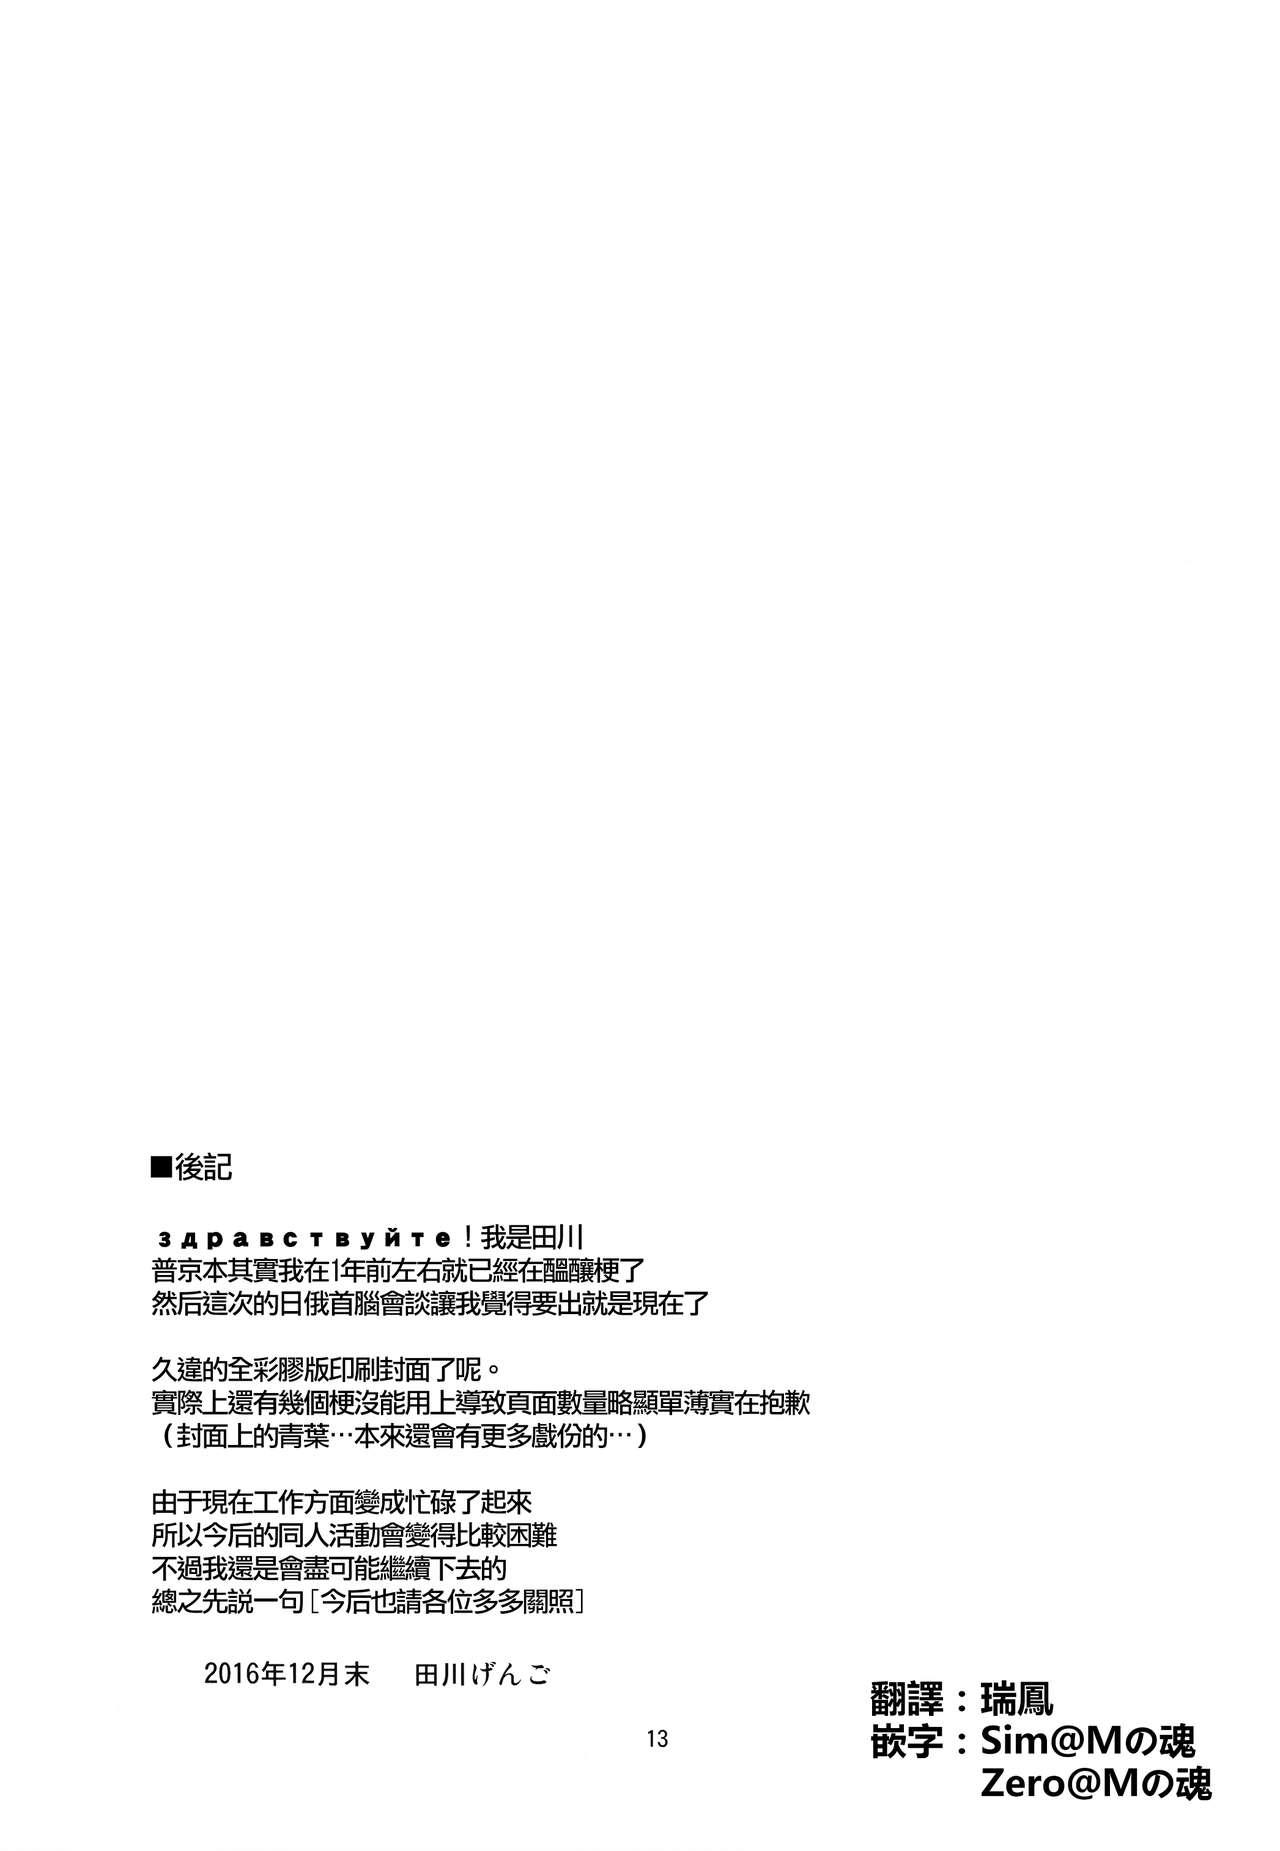 3Apa Porn read (c91) [ochinchin riichi! (tagawa gengo)] vladimir putin